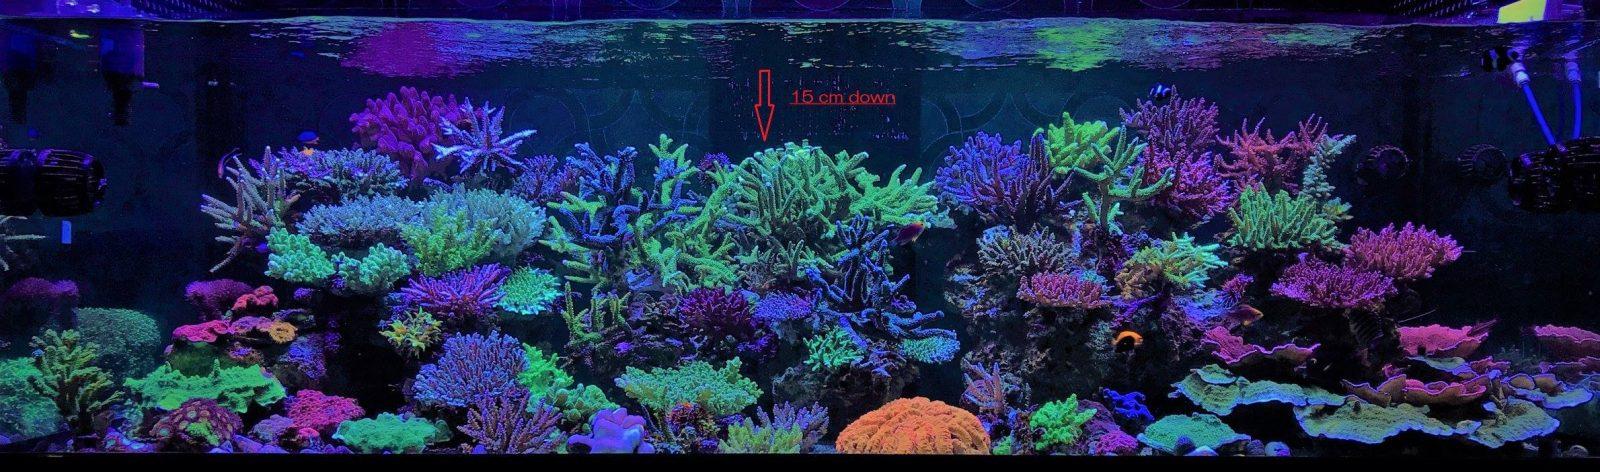 incroyable-récif-réservoir